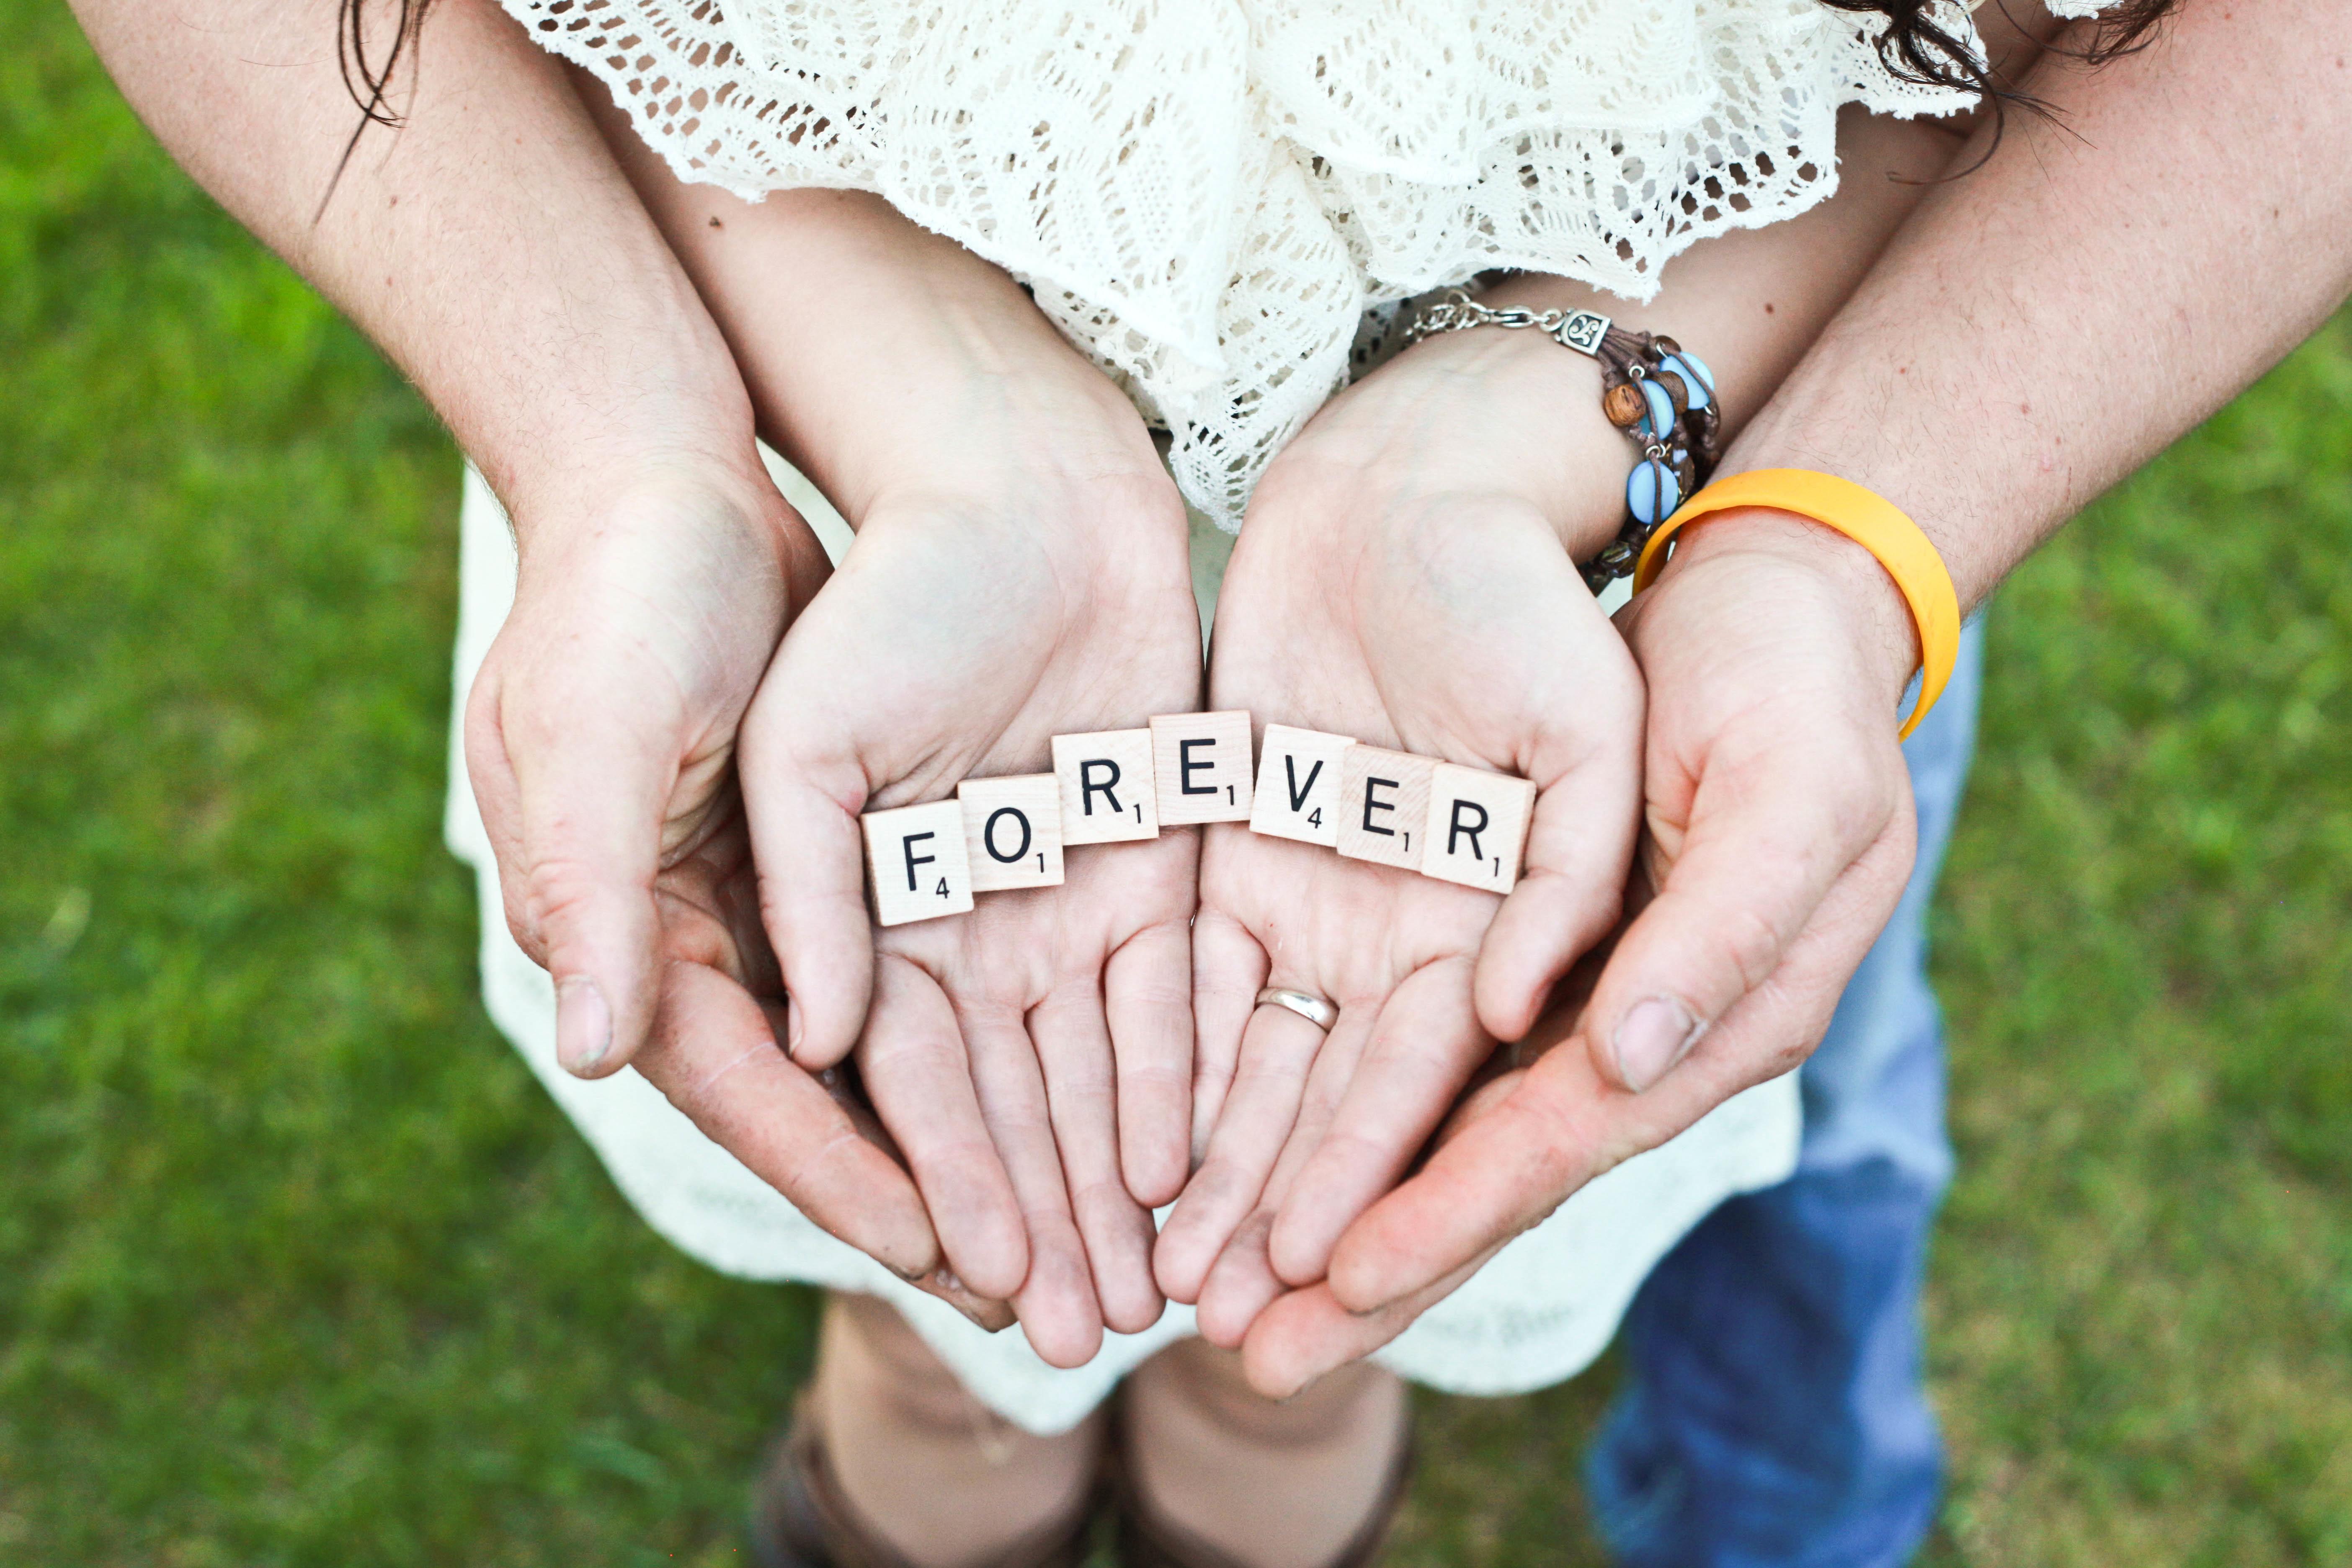 gratuit couples rencontres sites Otakon brancher